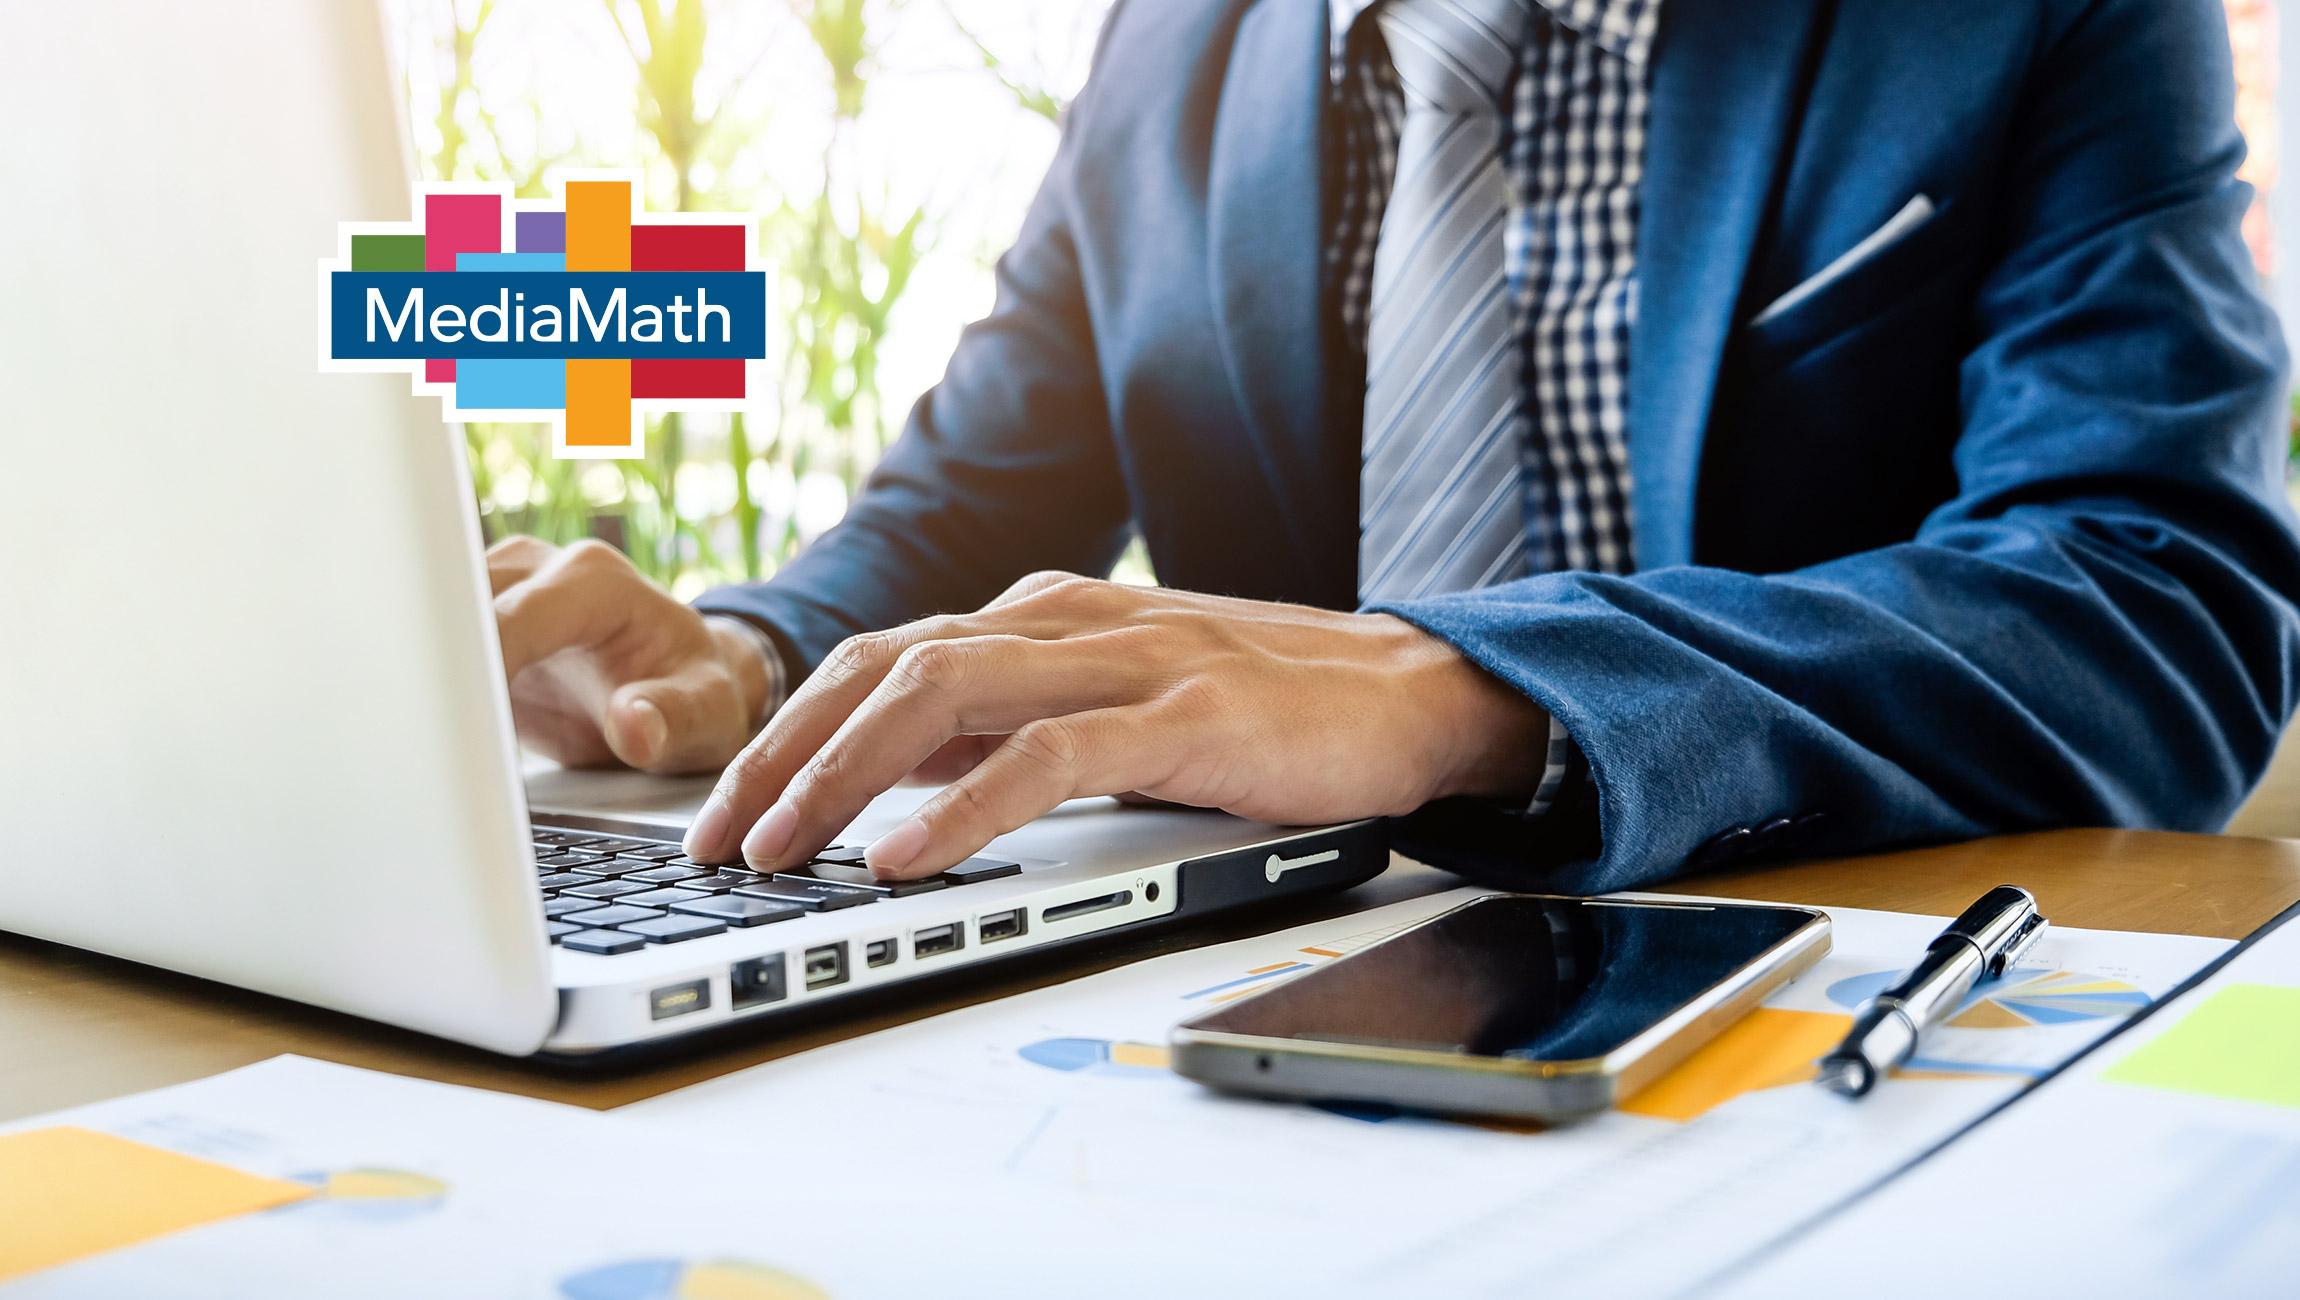 MediaMath Named a Leader in Gartner's Magic Quadrant for Ad Tech